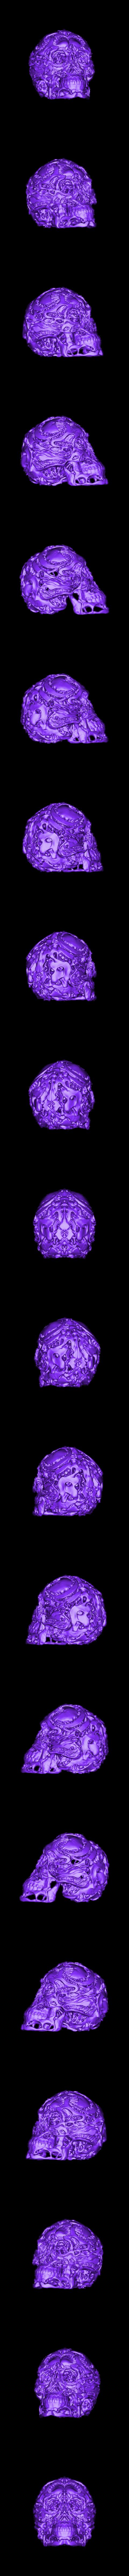 humanhunter-skull.obj Télécharger fichier OBJ gratuit Chasseurs - Crâne de chasseur • Modèle imprimable en 3D, SYFY